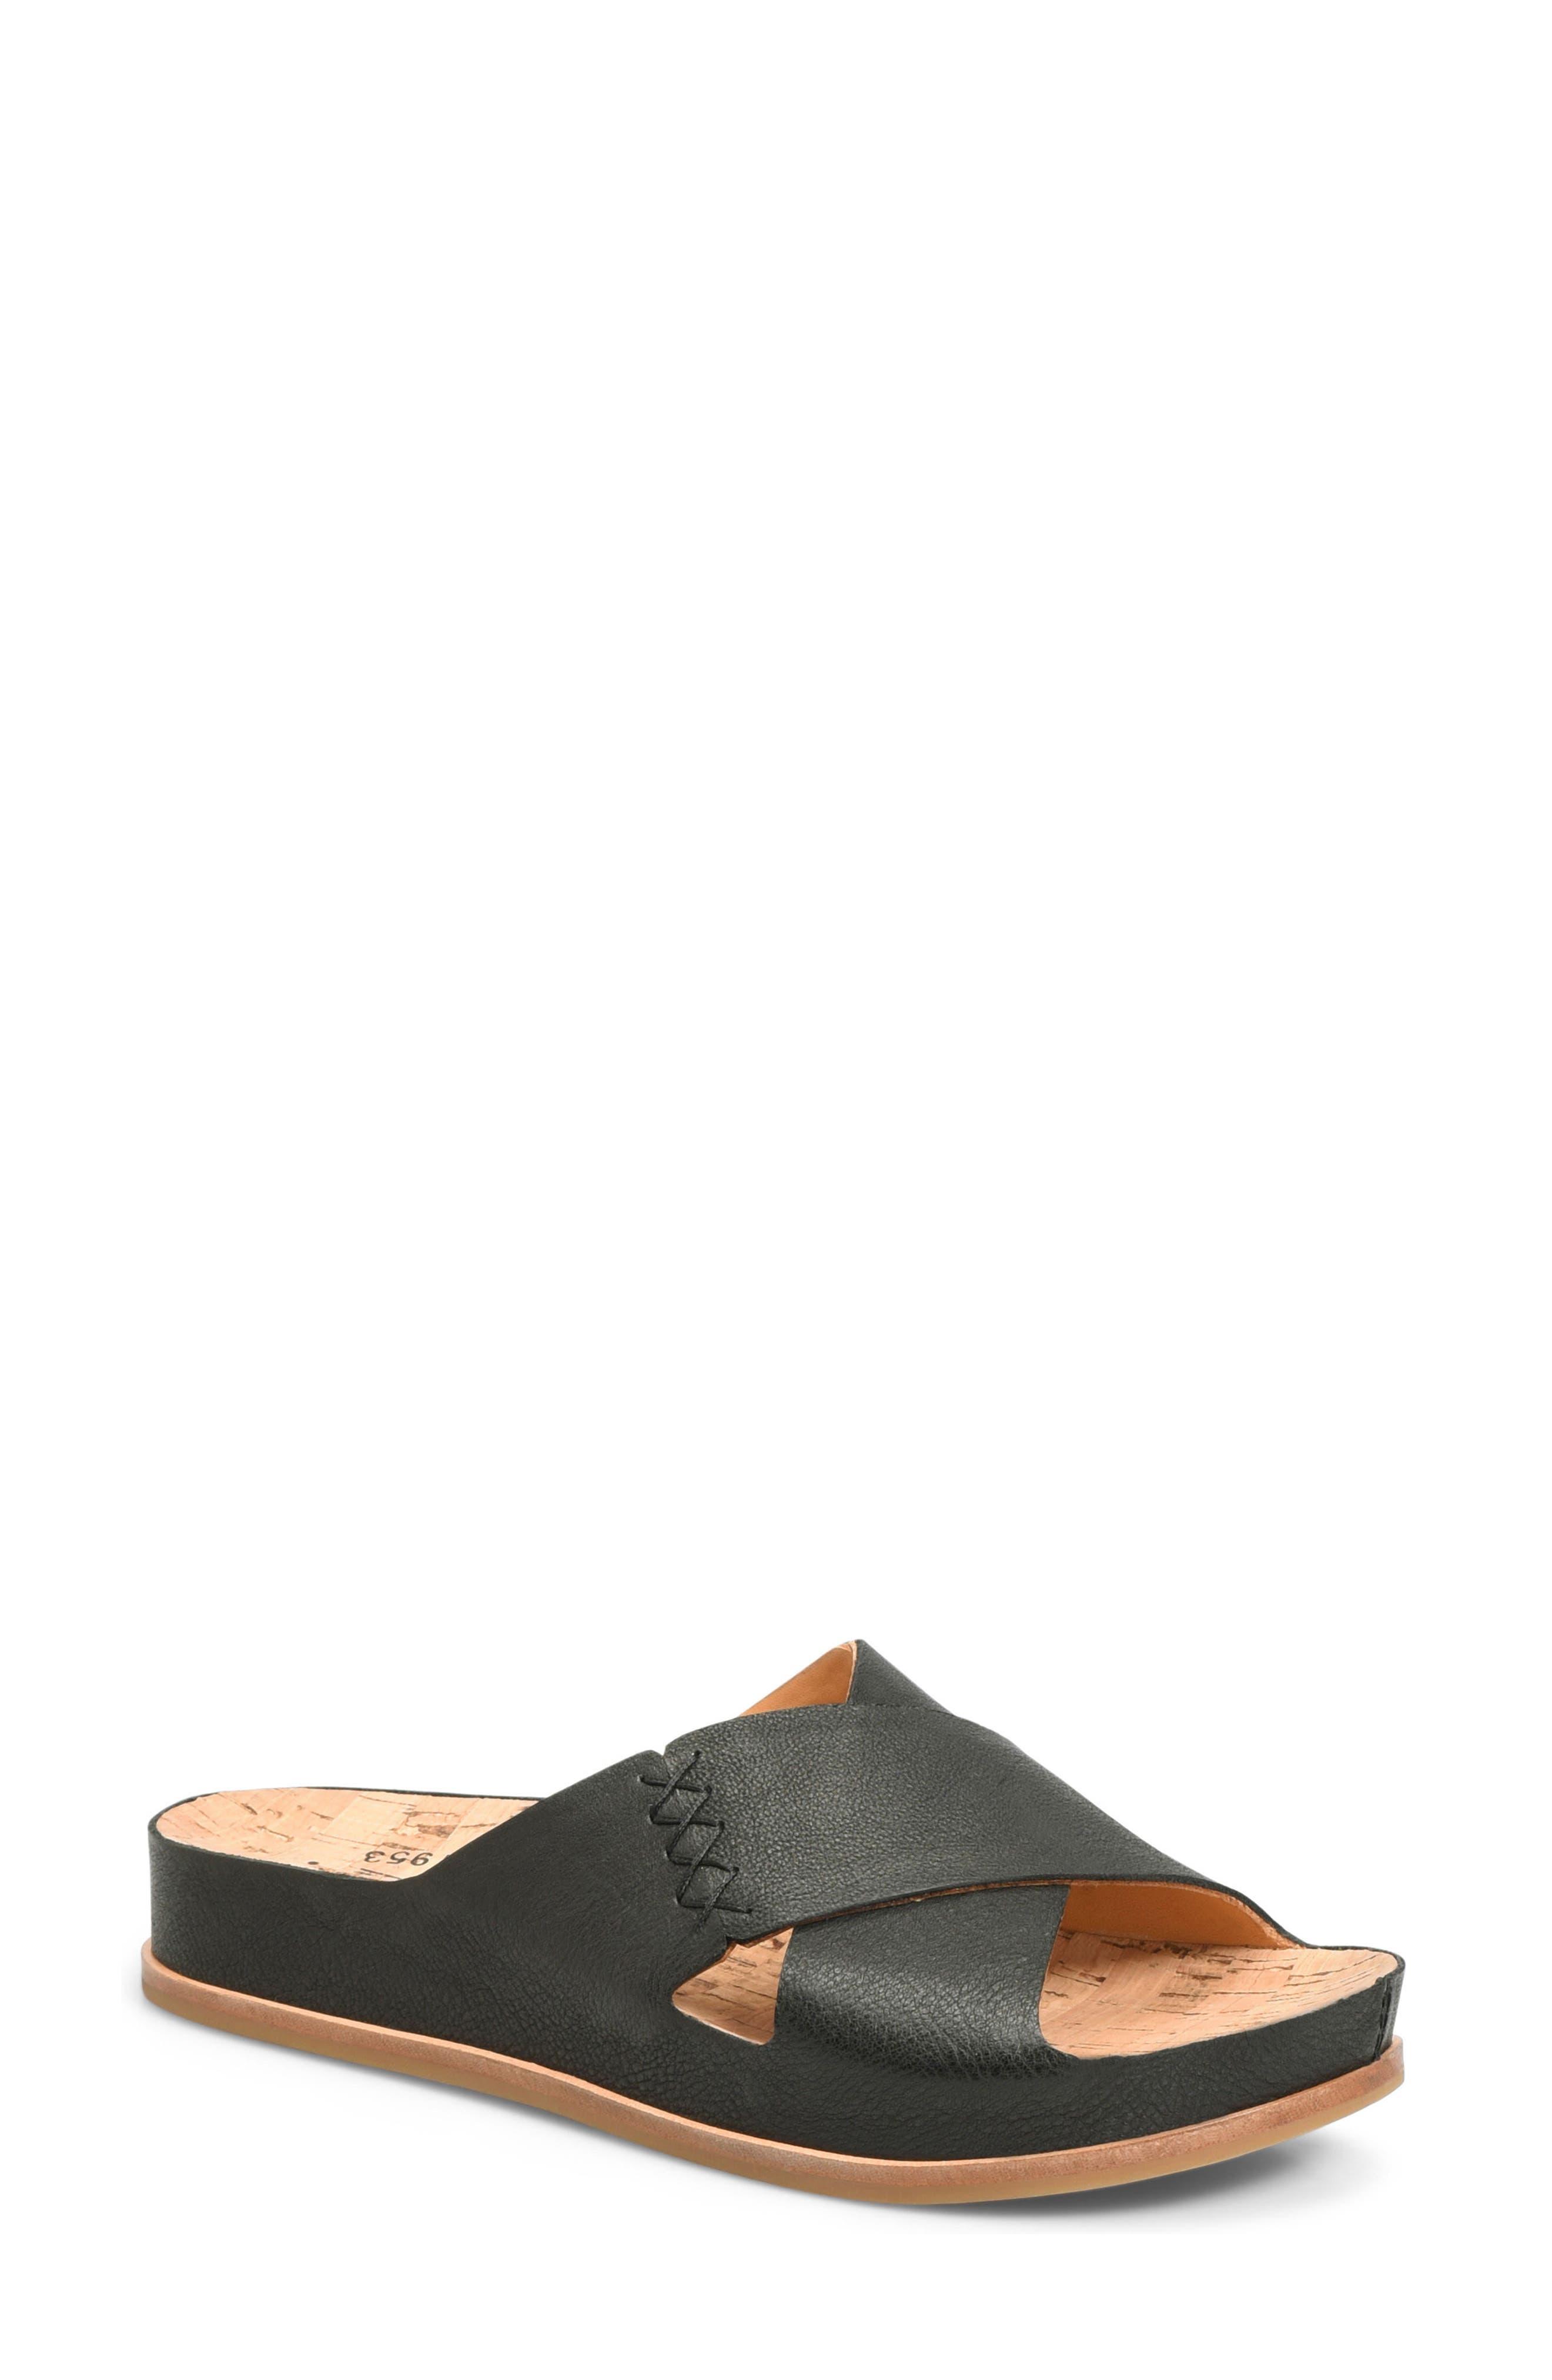 Amboy Slide Sandal,                             Main thumbnail 1, color,                             001